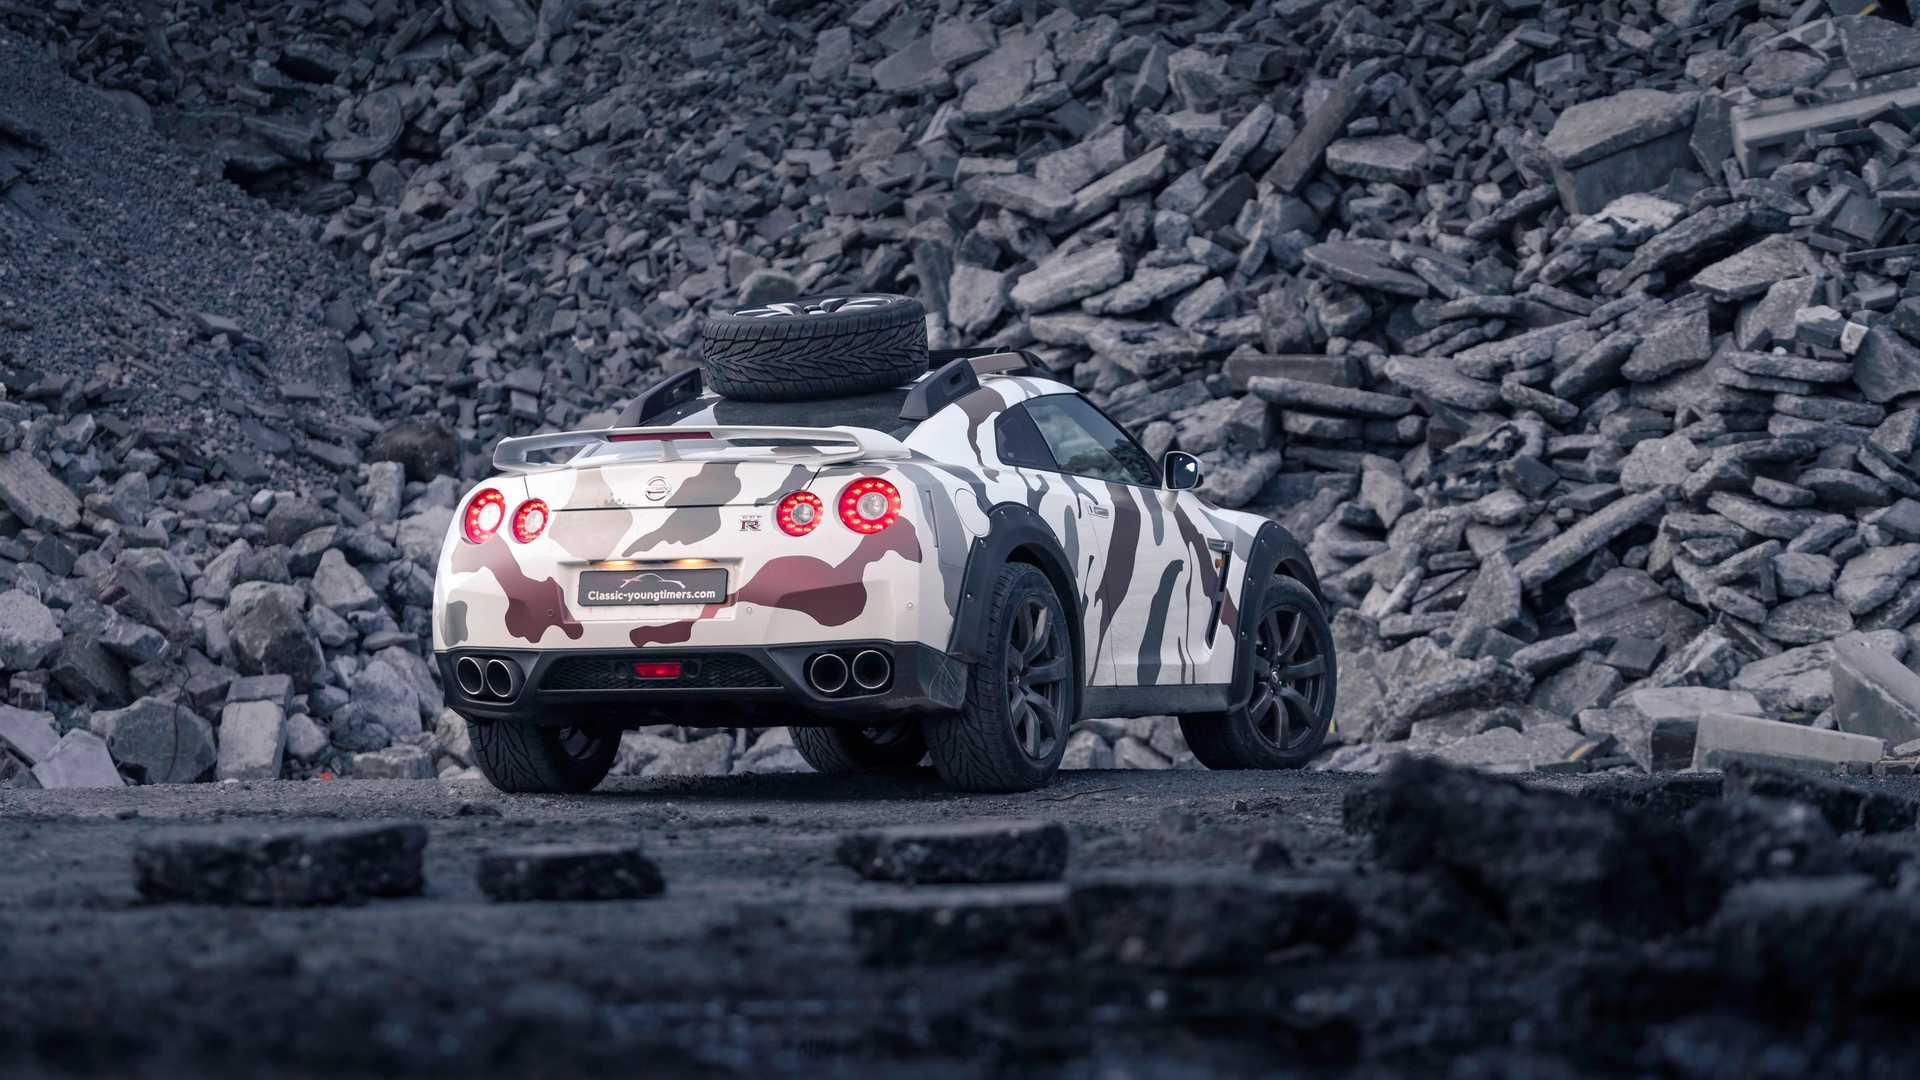 Nissan-GT-R-Offroad-Godzilla-2.0-22